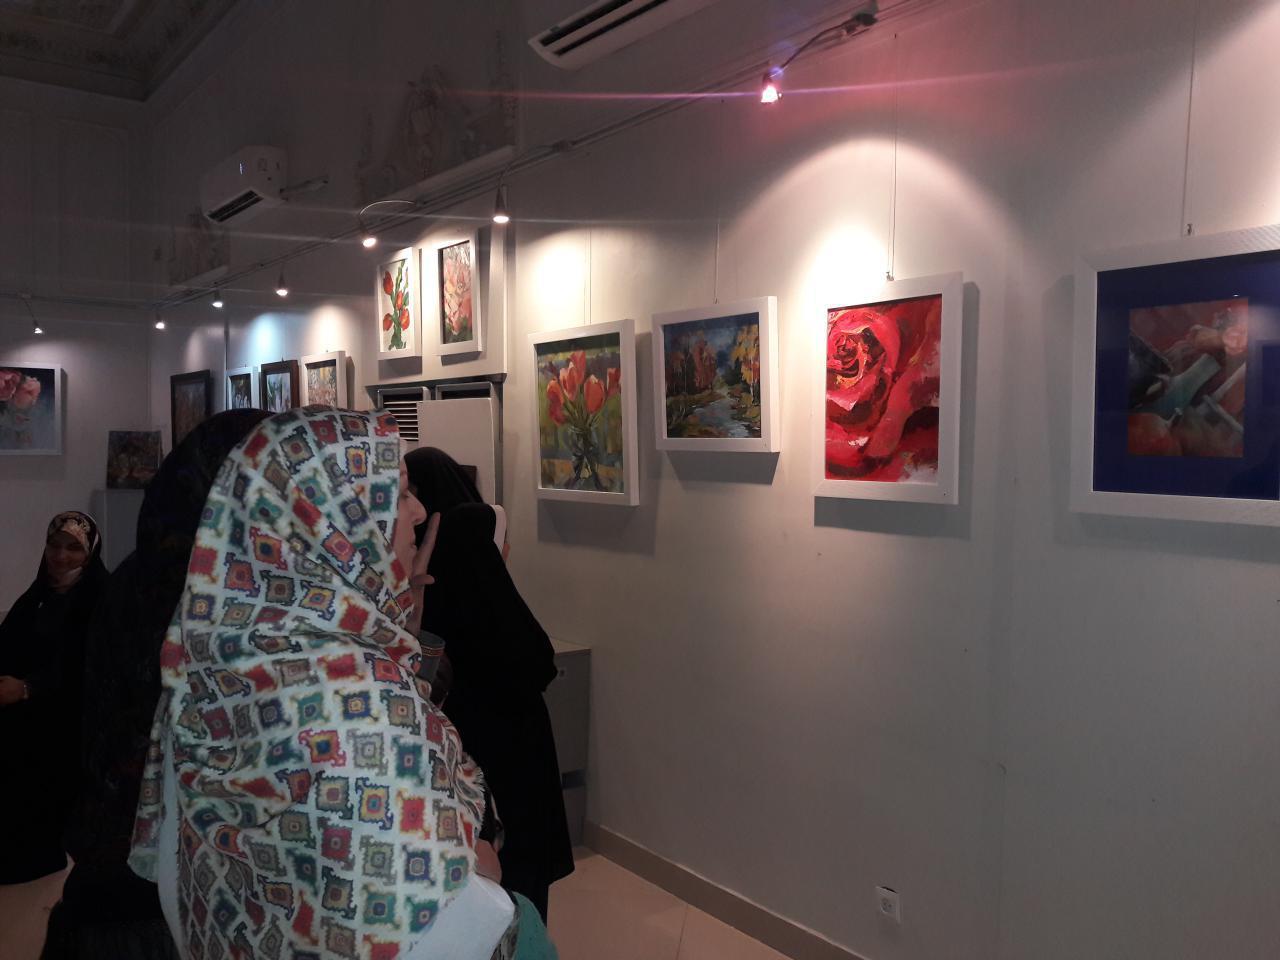 """گزارش تصویری نمایشگاه گروهی """"گلهای ونوس"""" در فرهنگسرای ملل"""